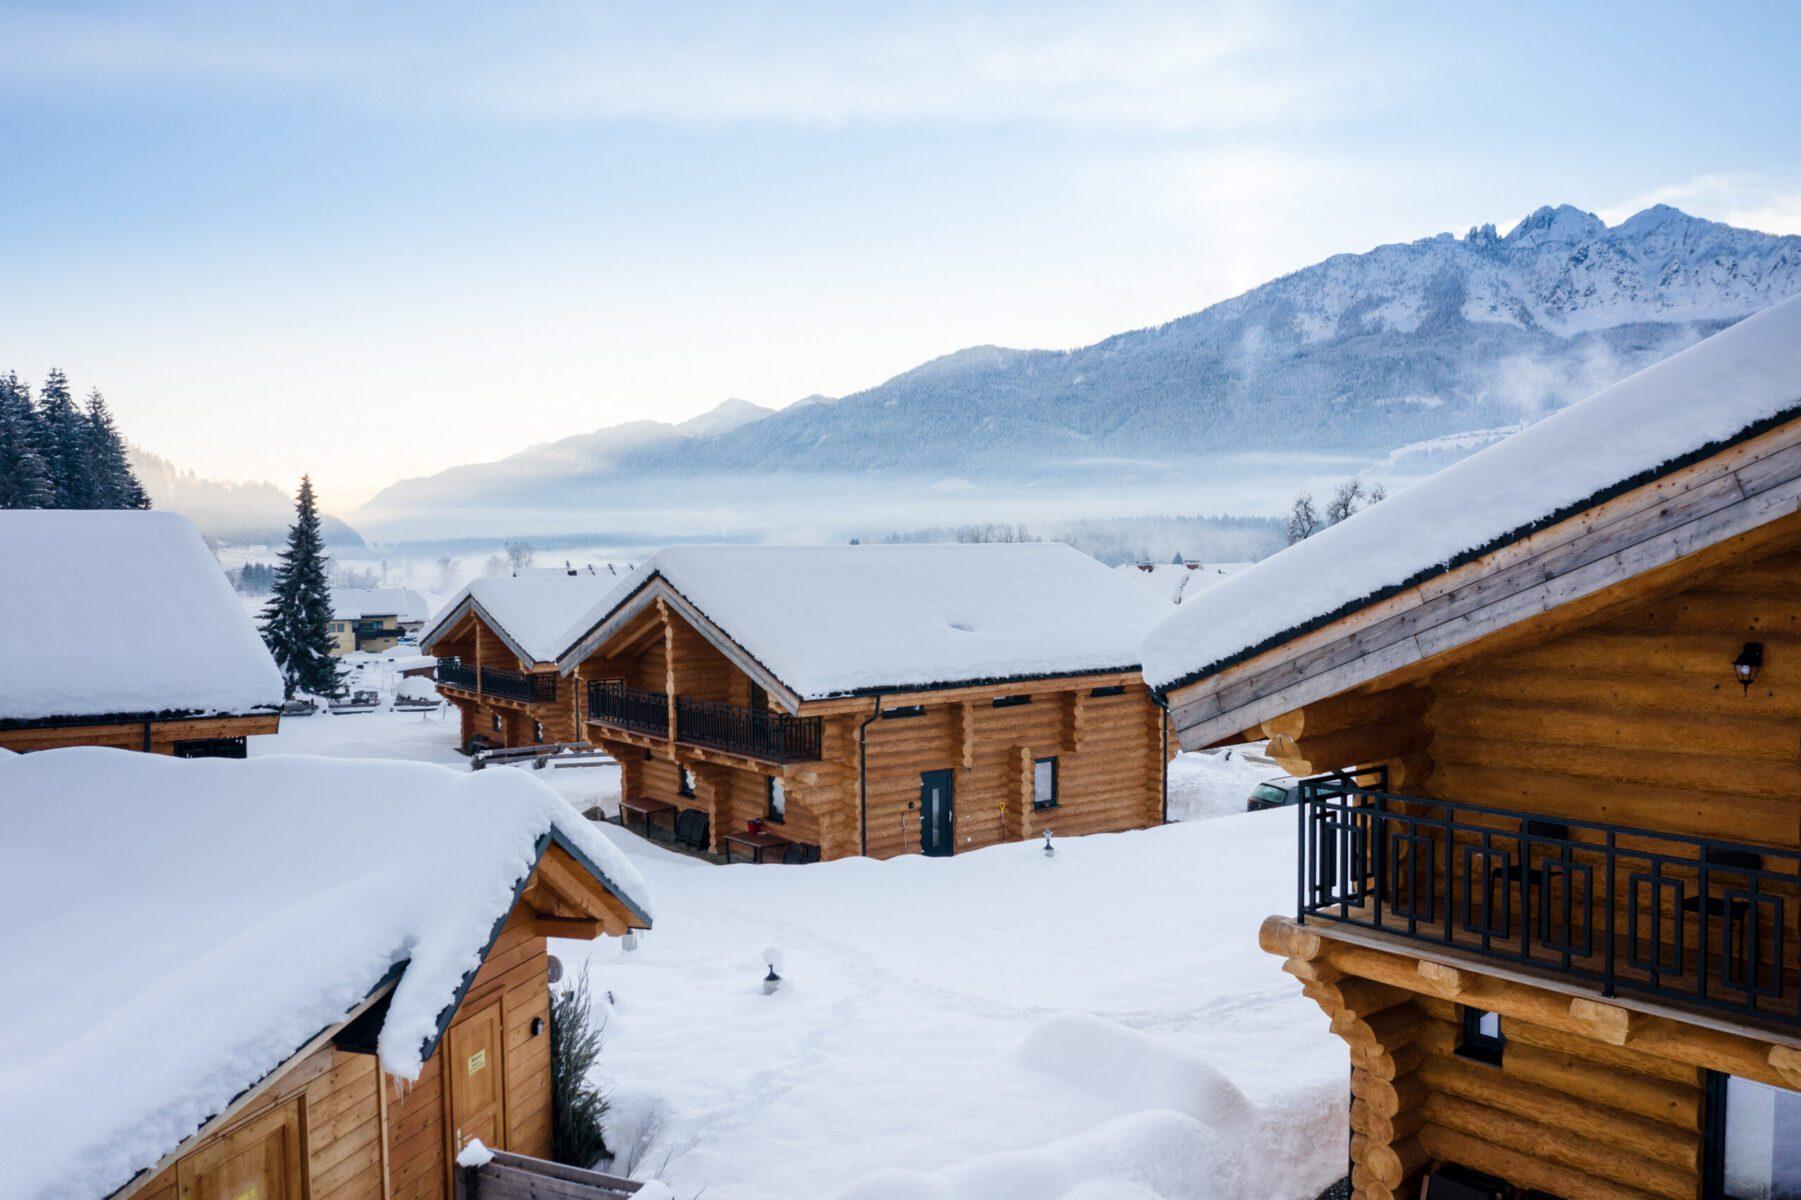 besneeuwd chalets met op de achtergrond bergen